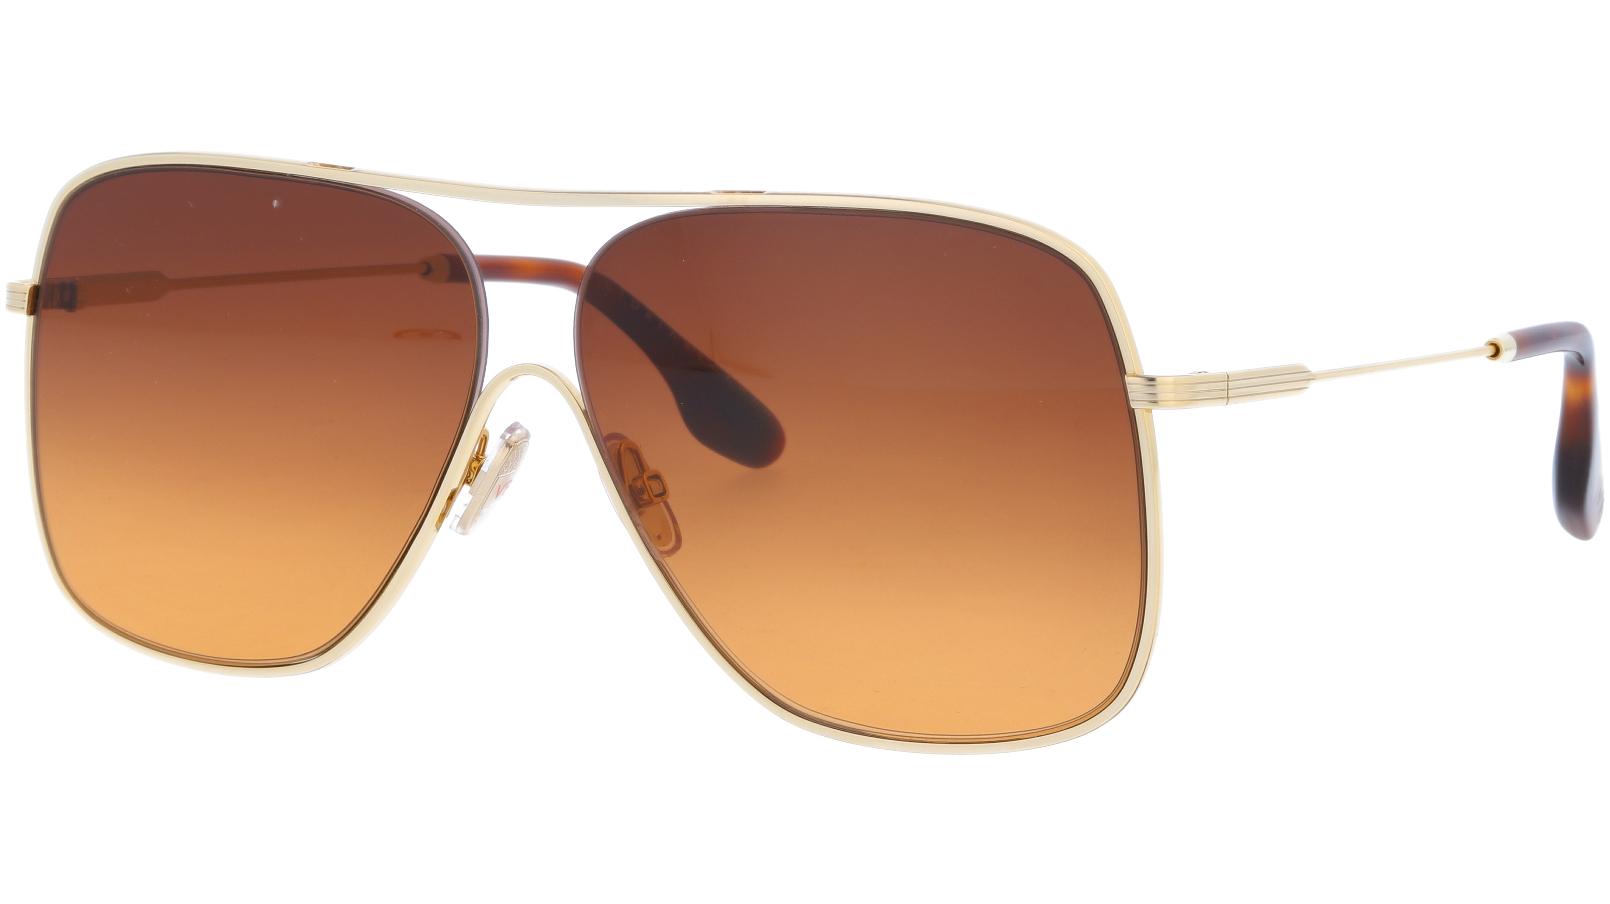 Victoria Beckham VB132S 708 61 Gold Sunglasses